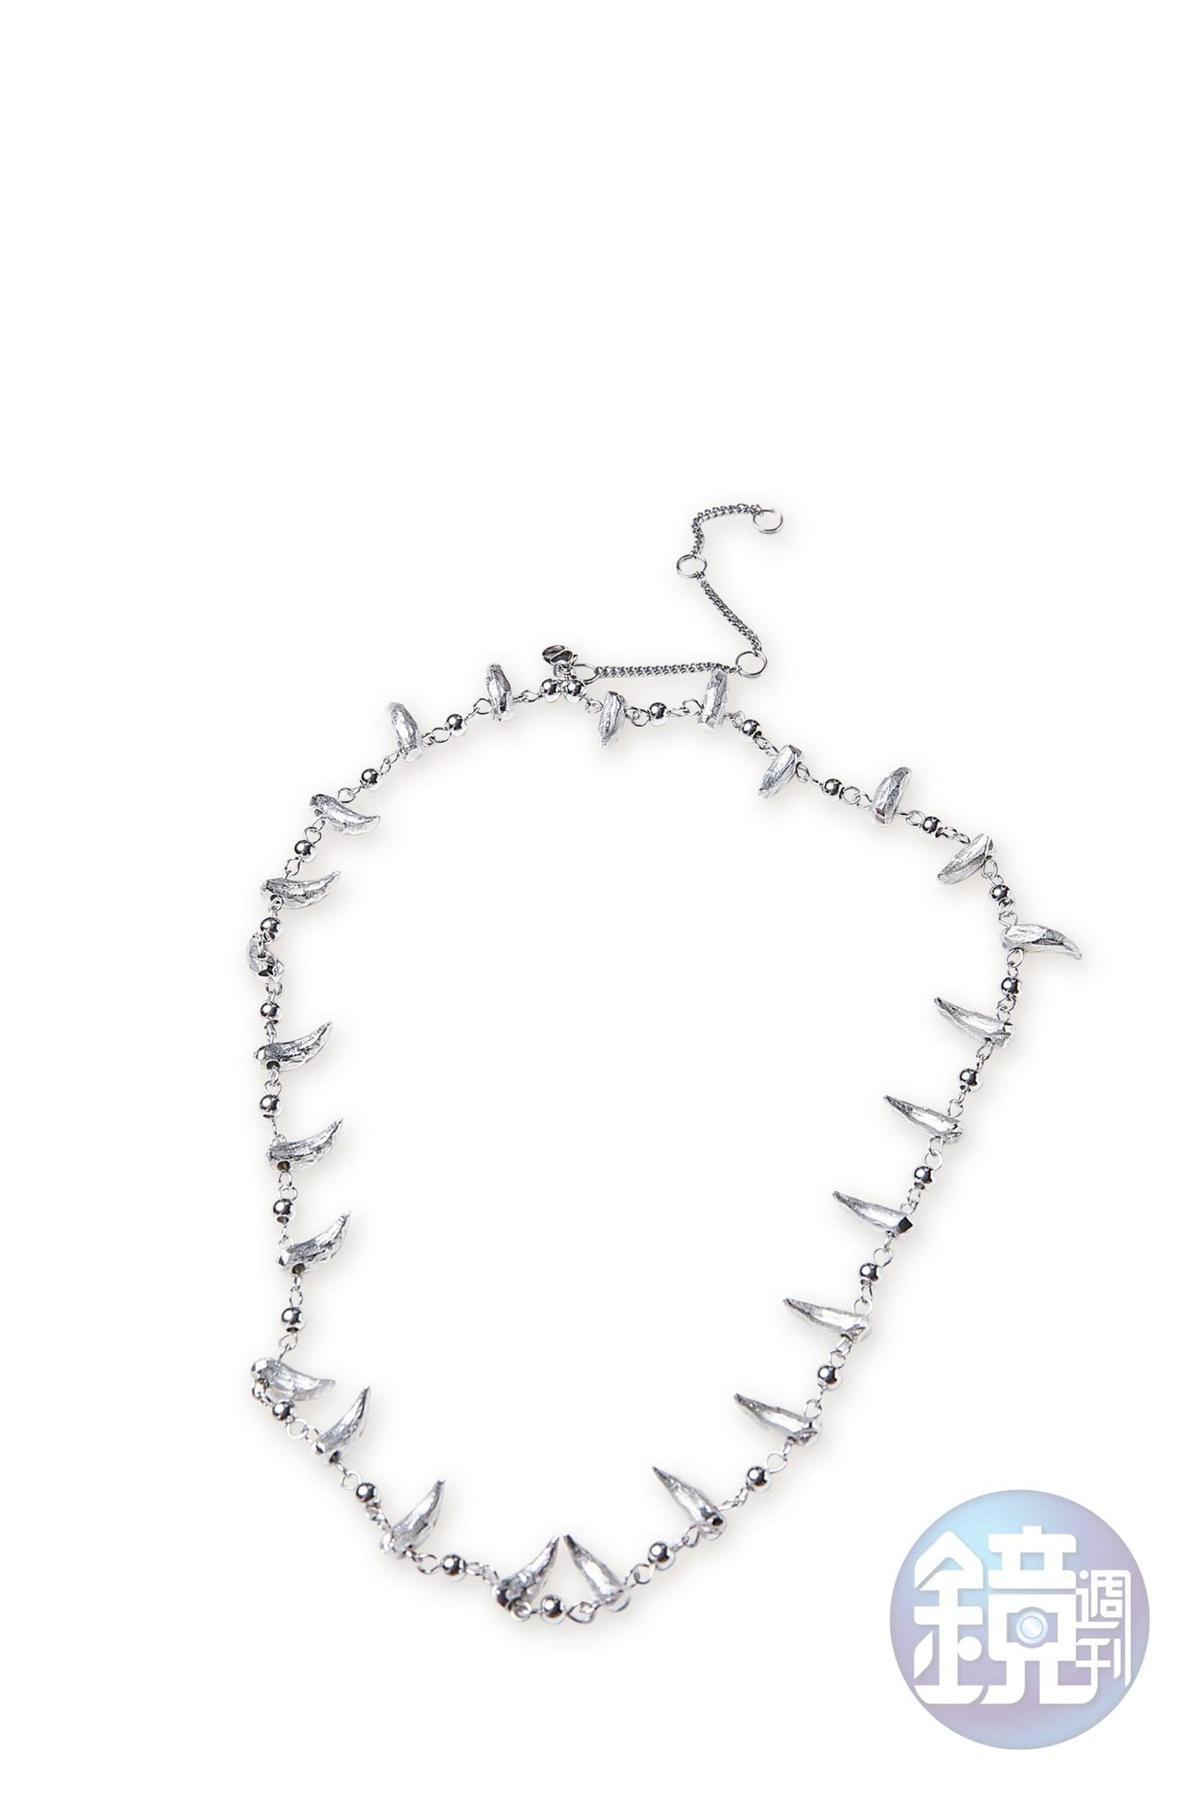 朋友自創品牌NE.SENSE狼牙項鍊。NT$9,600